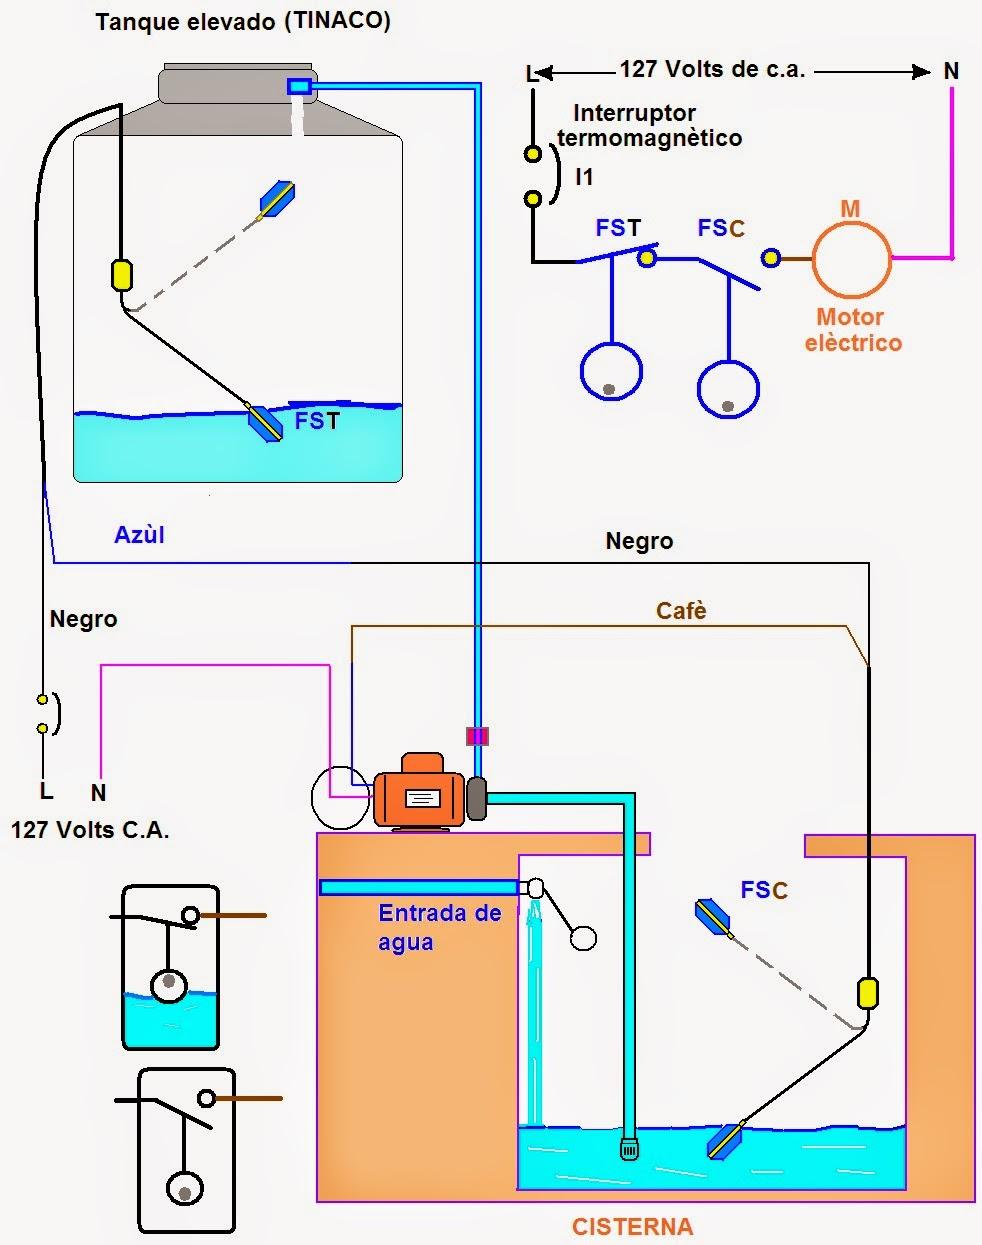 Wiring Diagram For Sump Pump Will Be A Thing Float Switch Coparoman Conexi U00f3n De Flotador El U00e9ctrico Heat